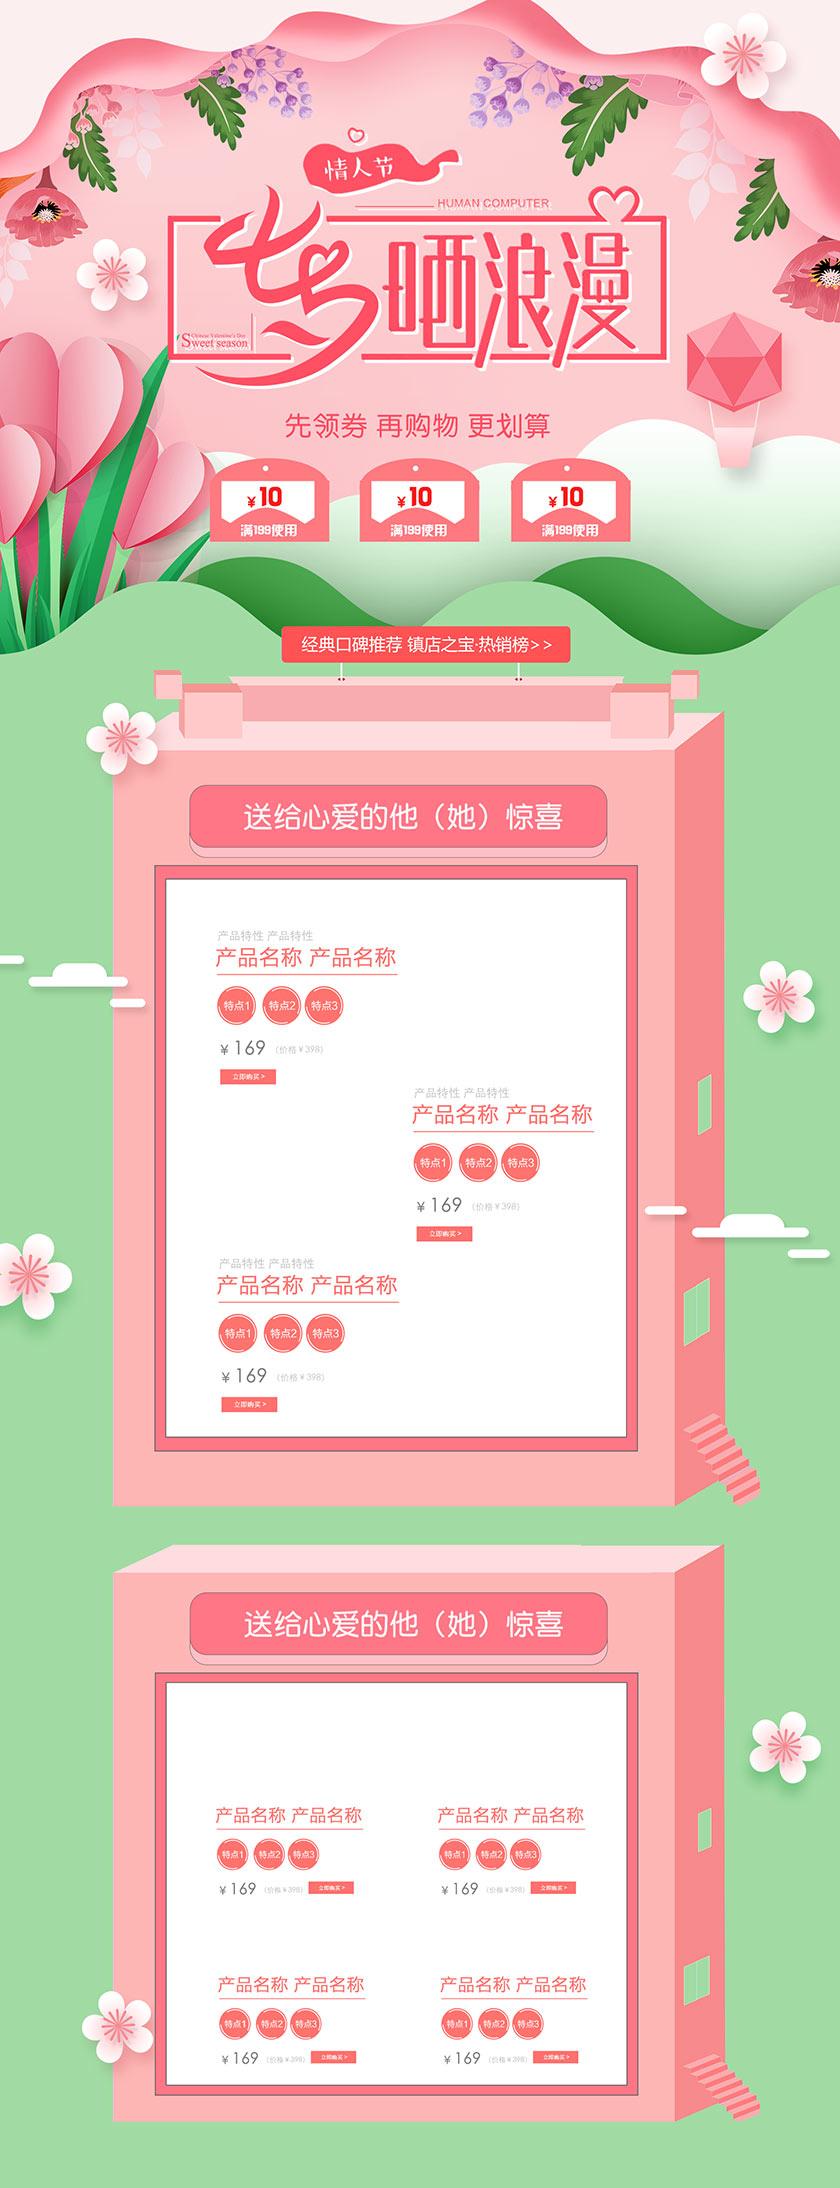 天猫七夕节首页设计模板PSD素材